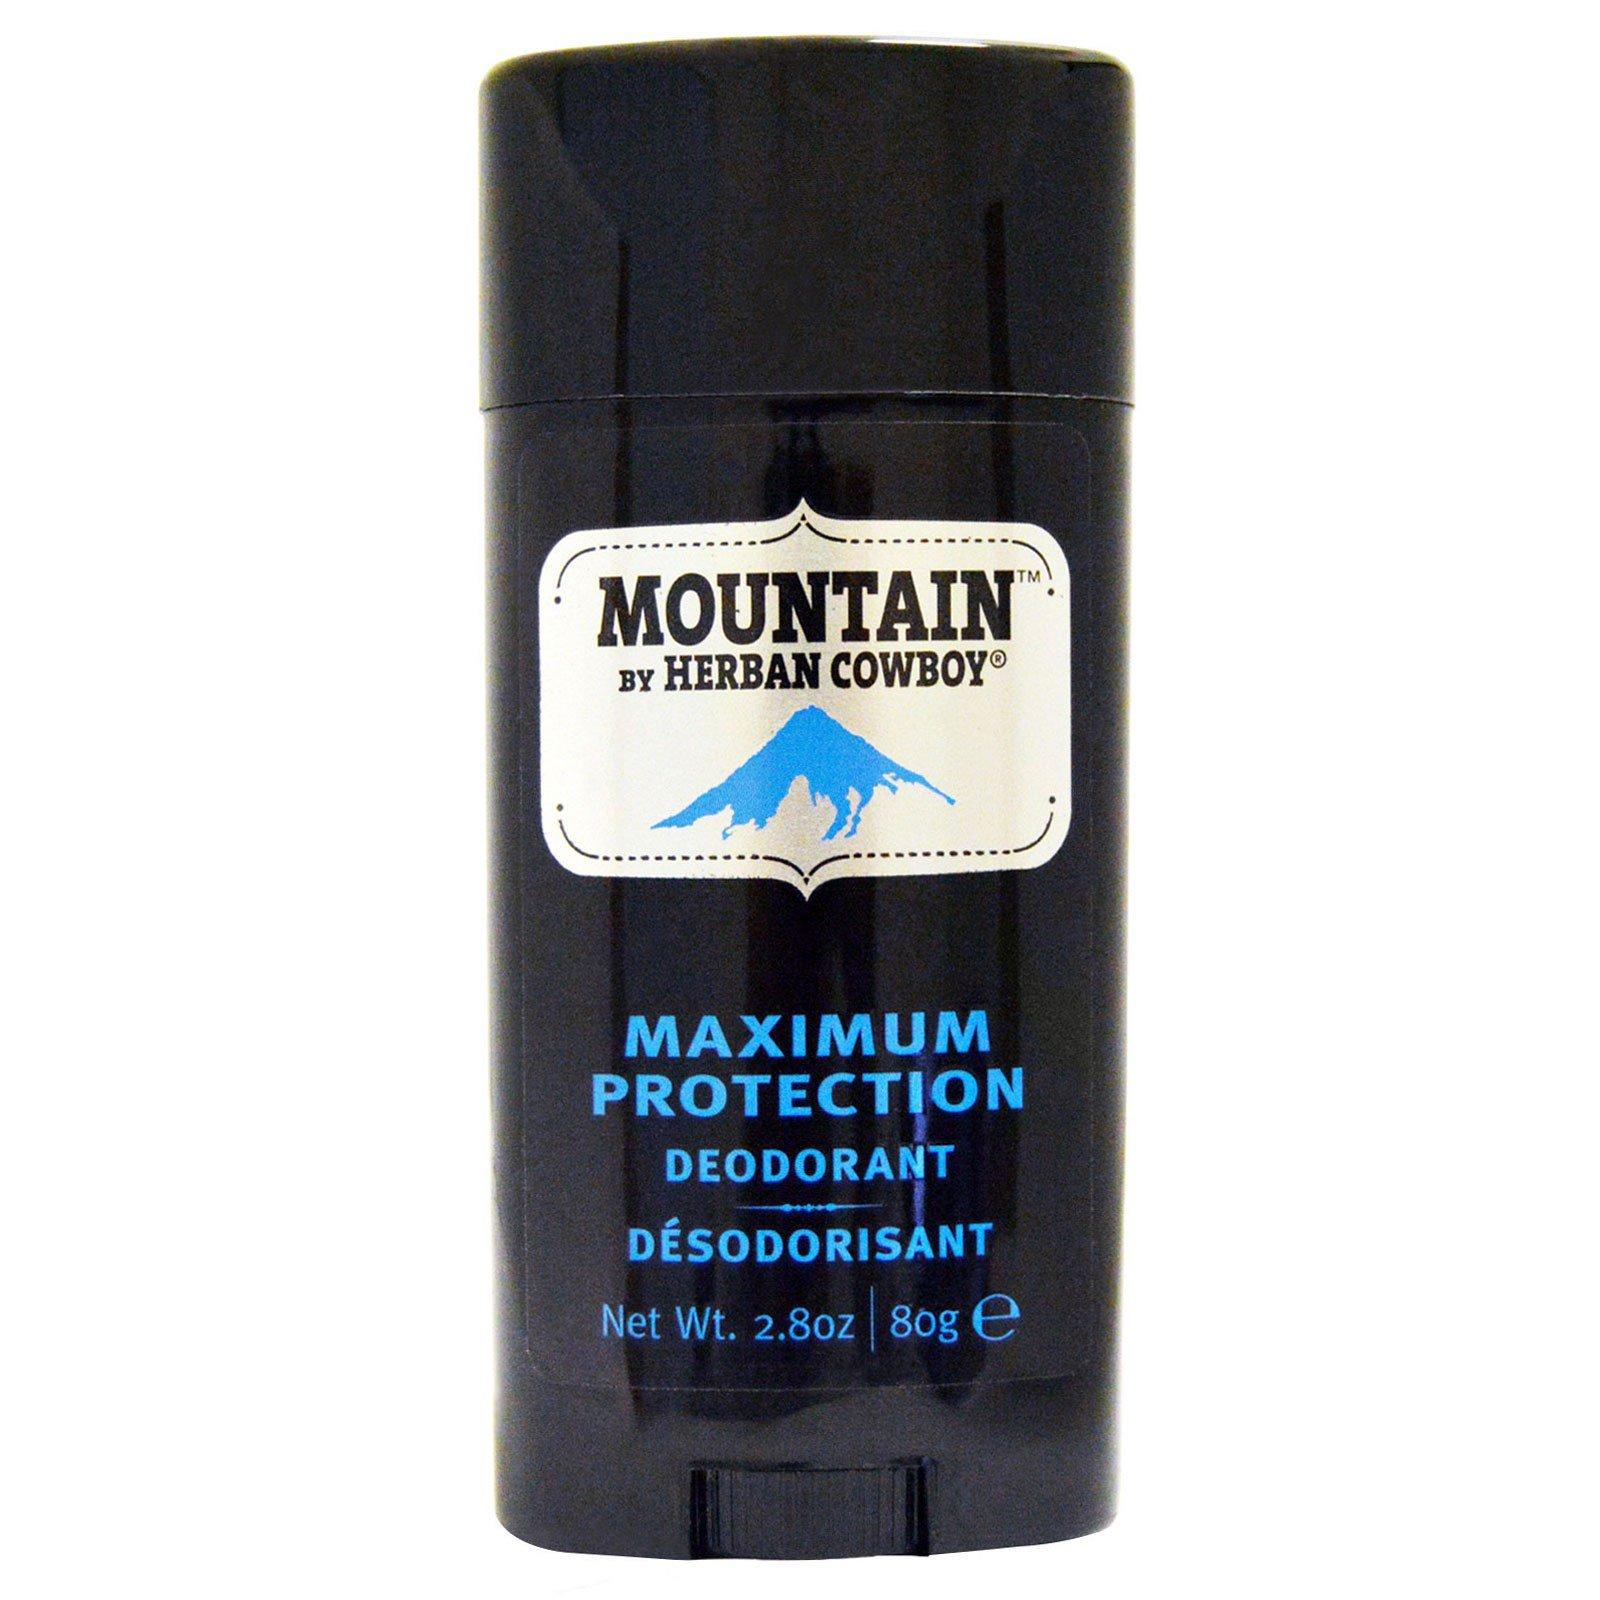 Herban Cowboy, Дезодорант максимальной защиты, Mountain, 2,8 унции (80 г)